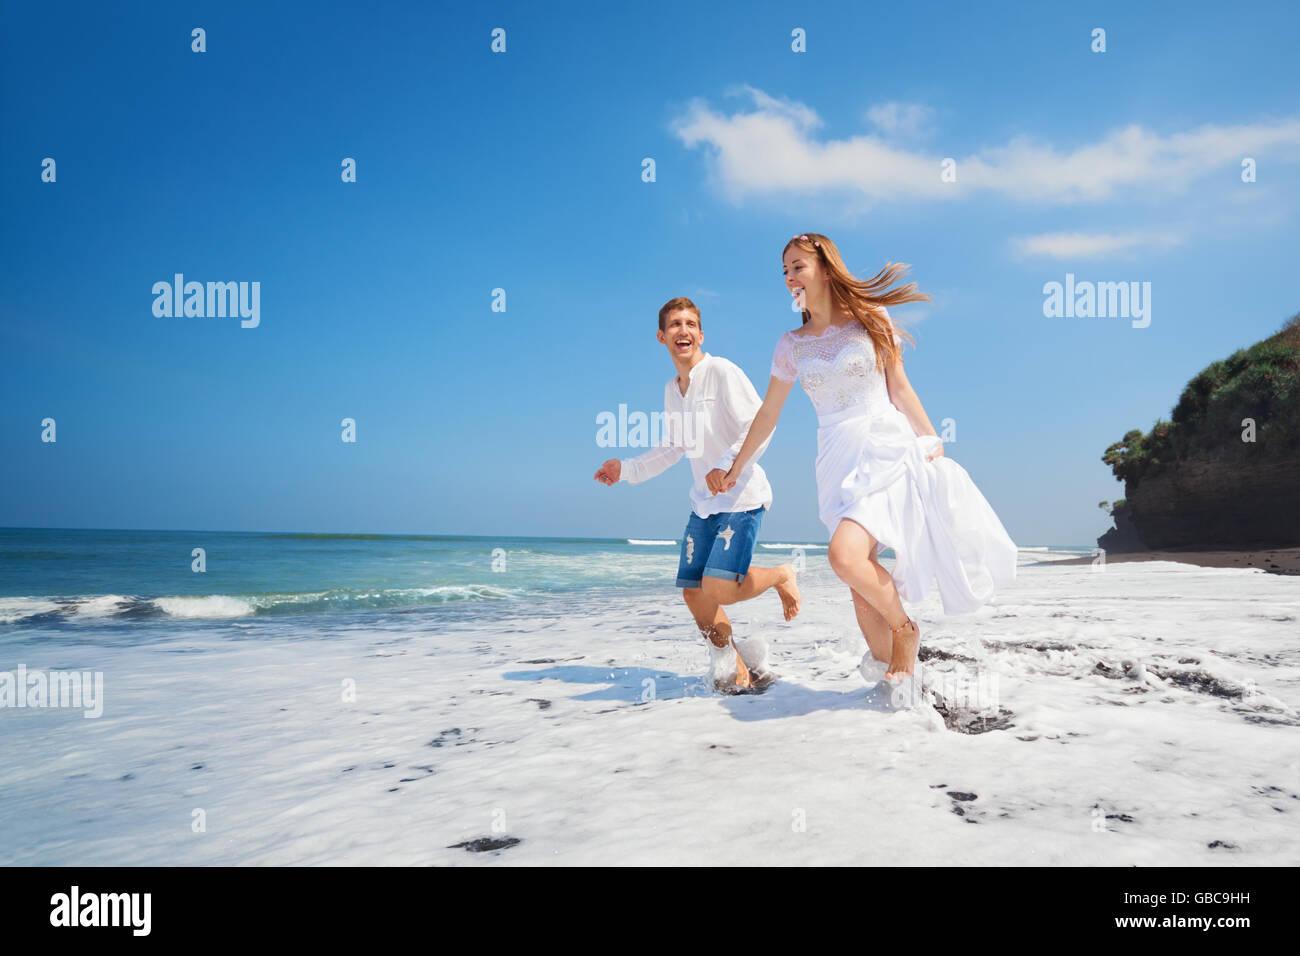 Glücklich Frischvermählten in den Flitterwochen Urlaub - familiengeführtes frisch verheiratete Liebespaar Stockbild